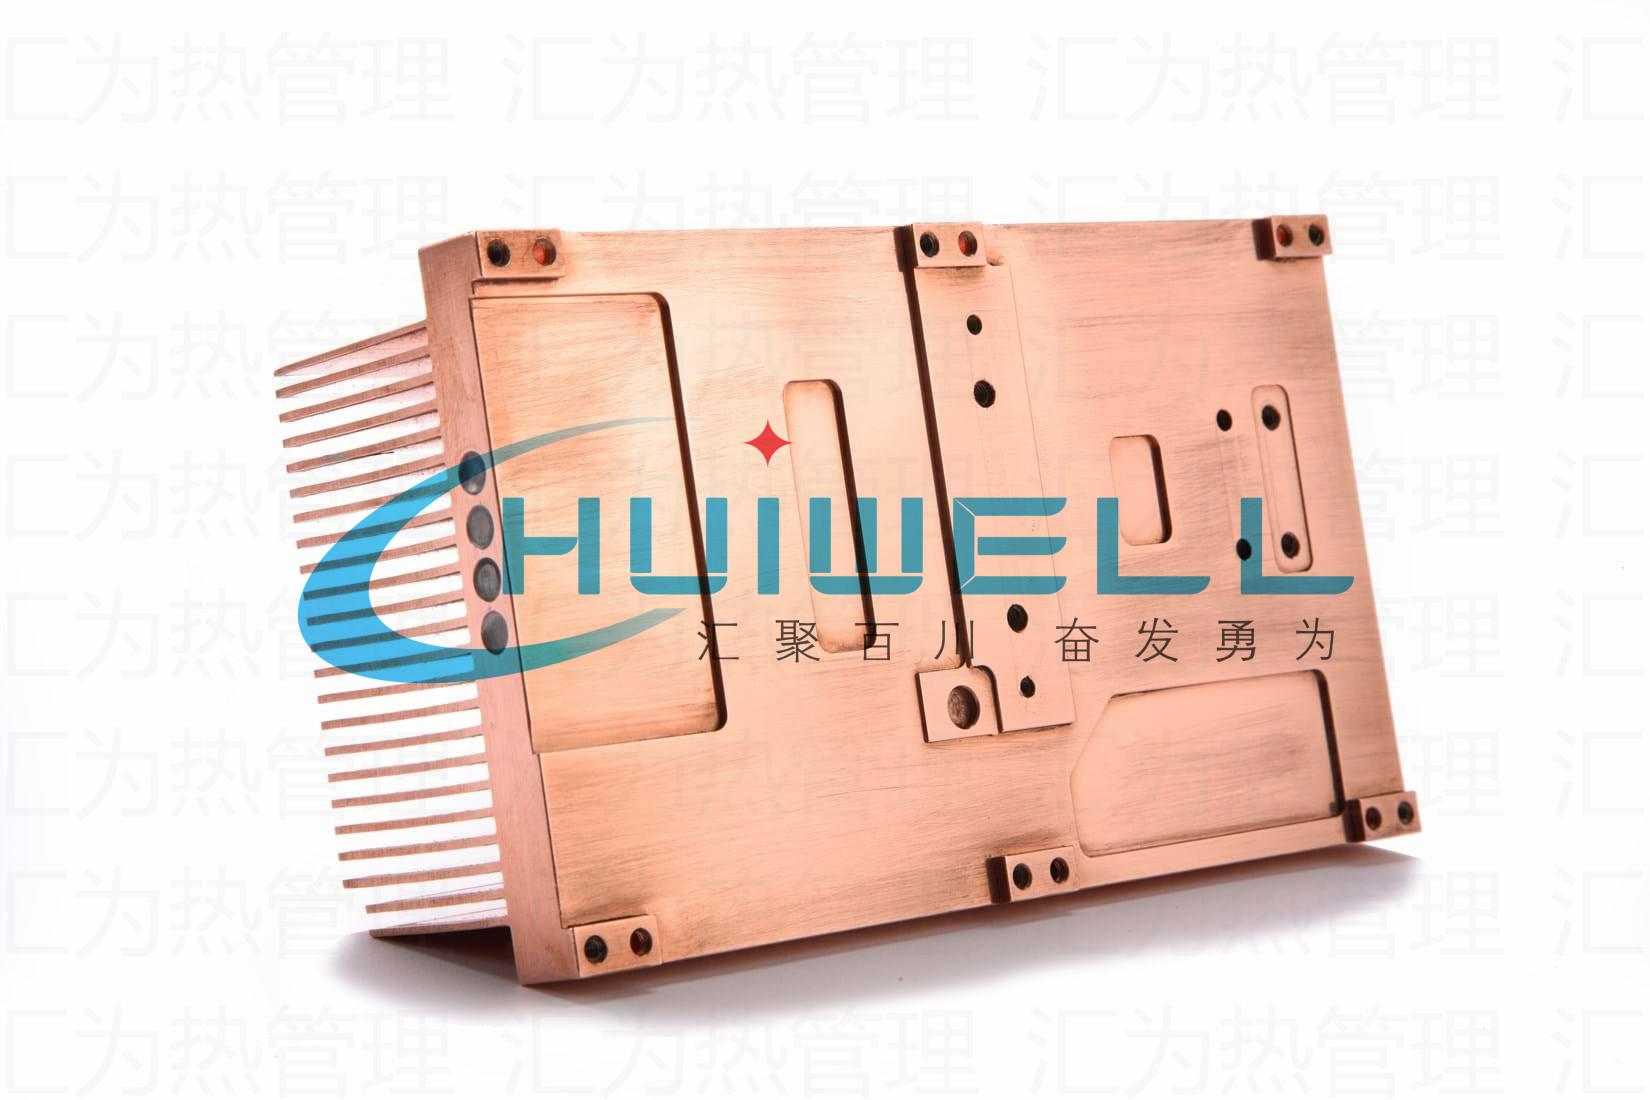 【研发定制】高性能芯片电阻电容变压器件冷却风冷水冷液冷热管铜铲齿散热器片模块模组组件